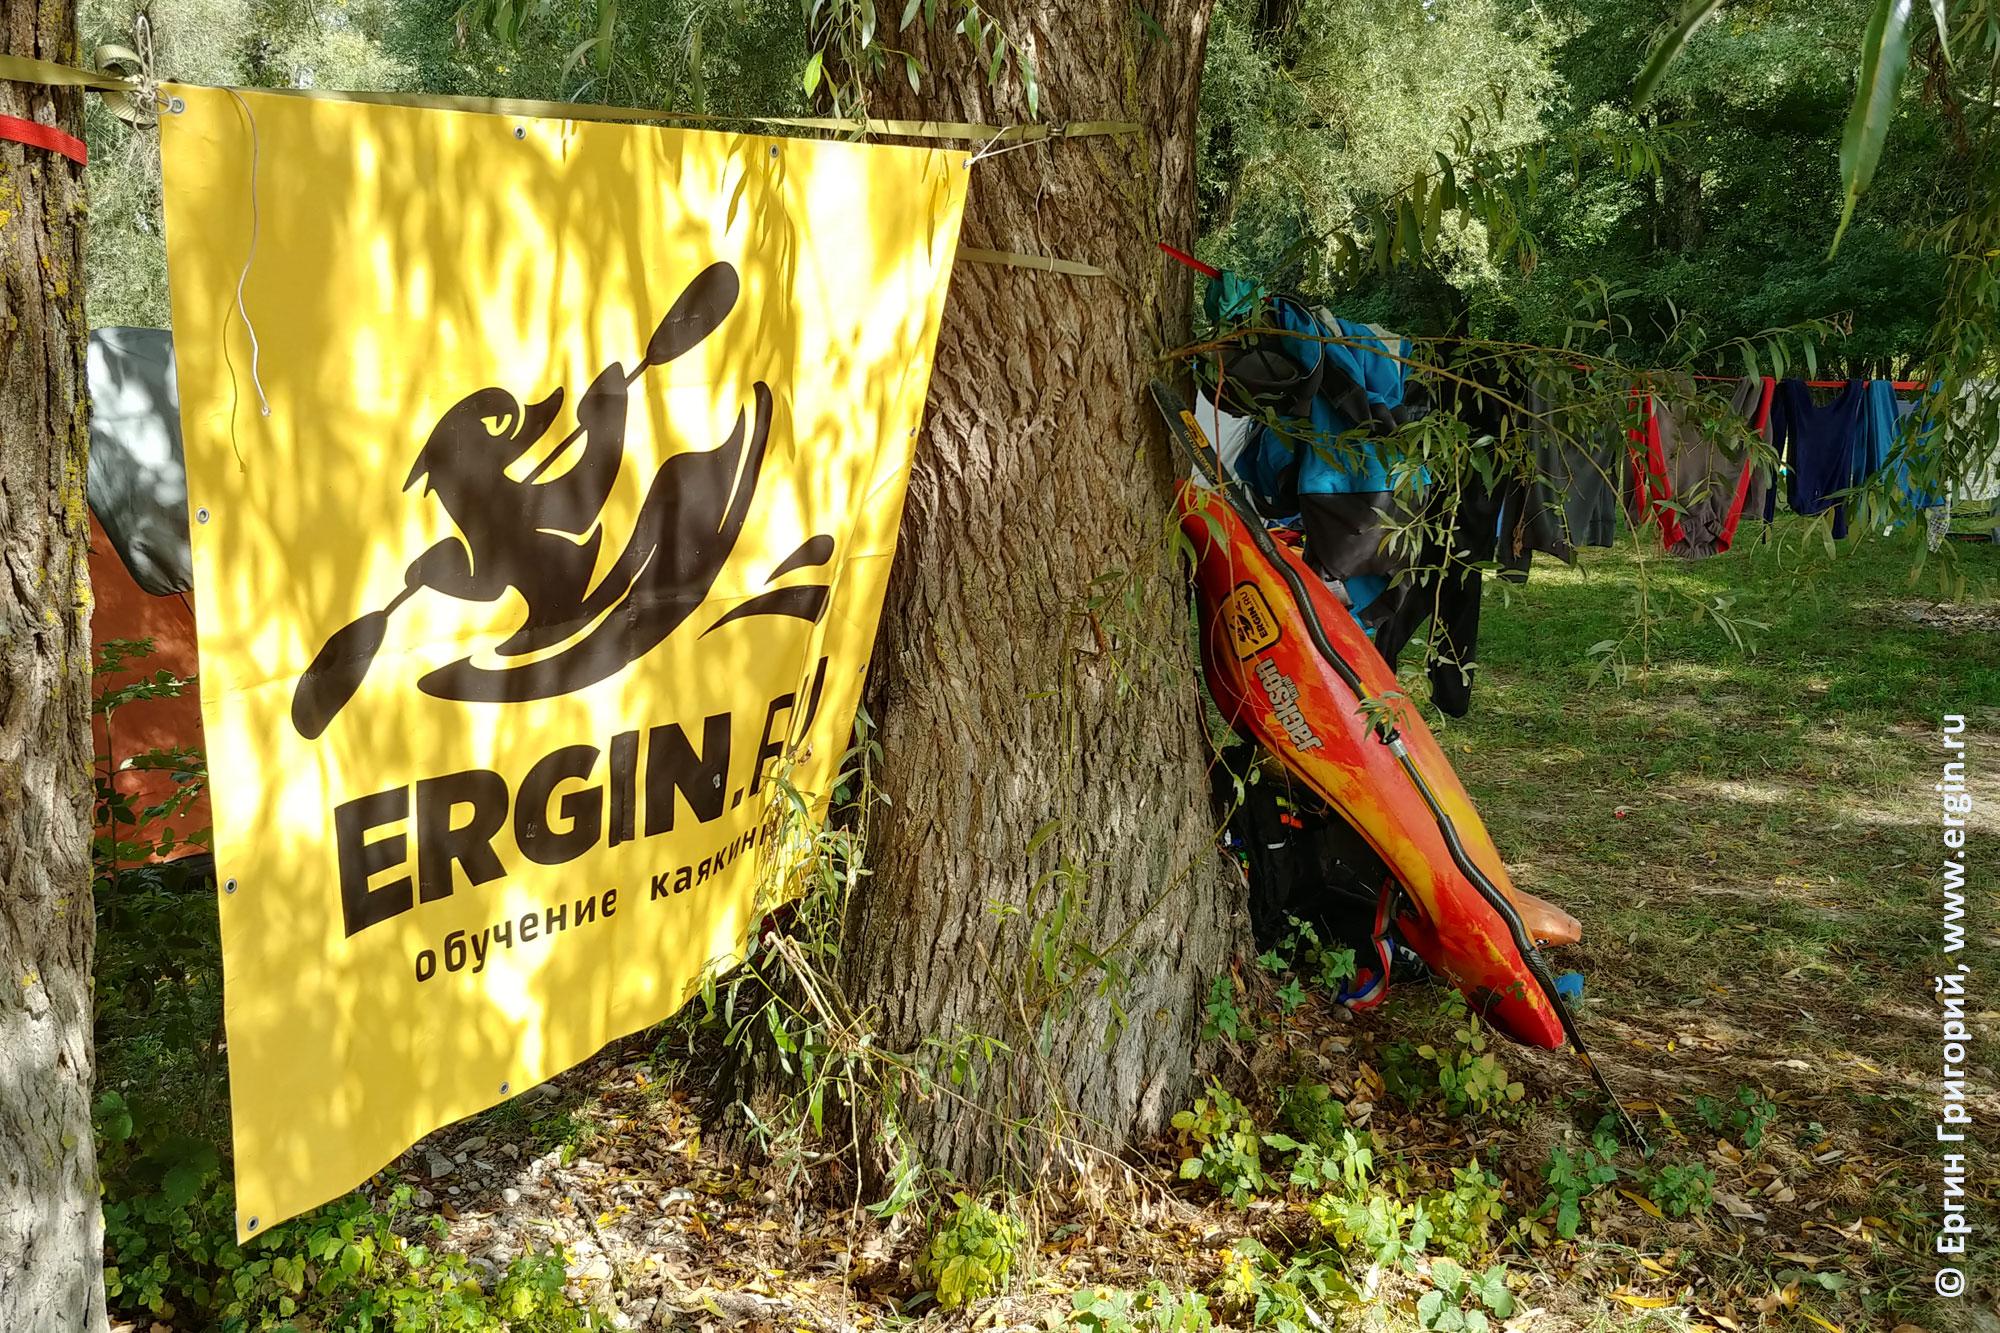 Банер Обучение каякингу на дереве